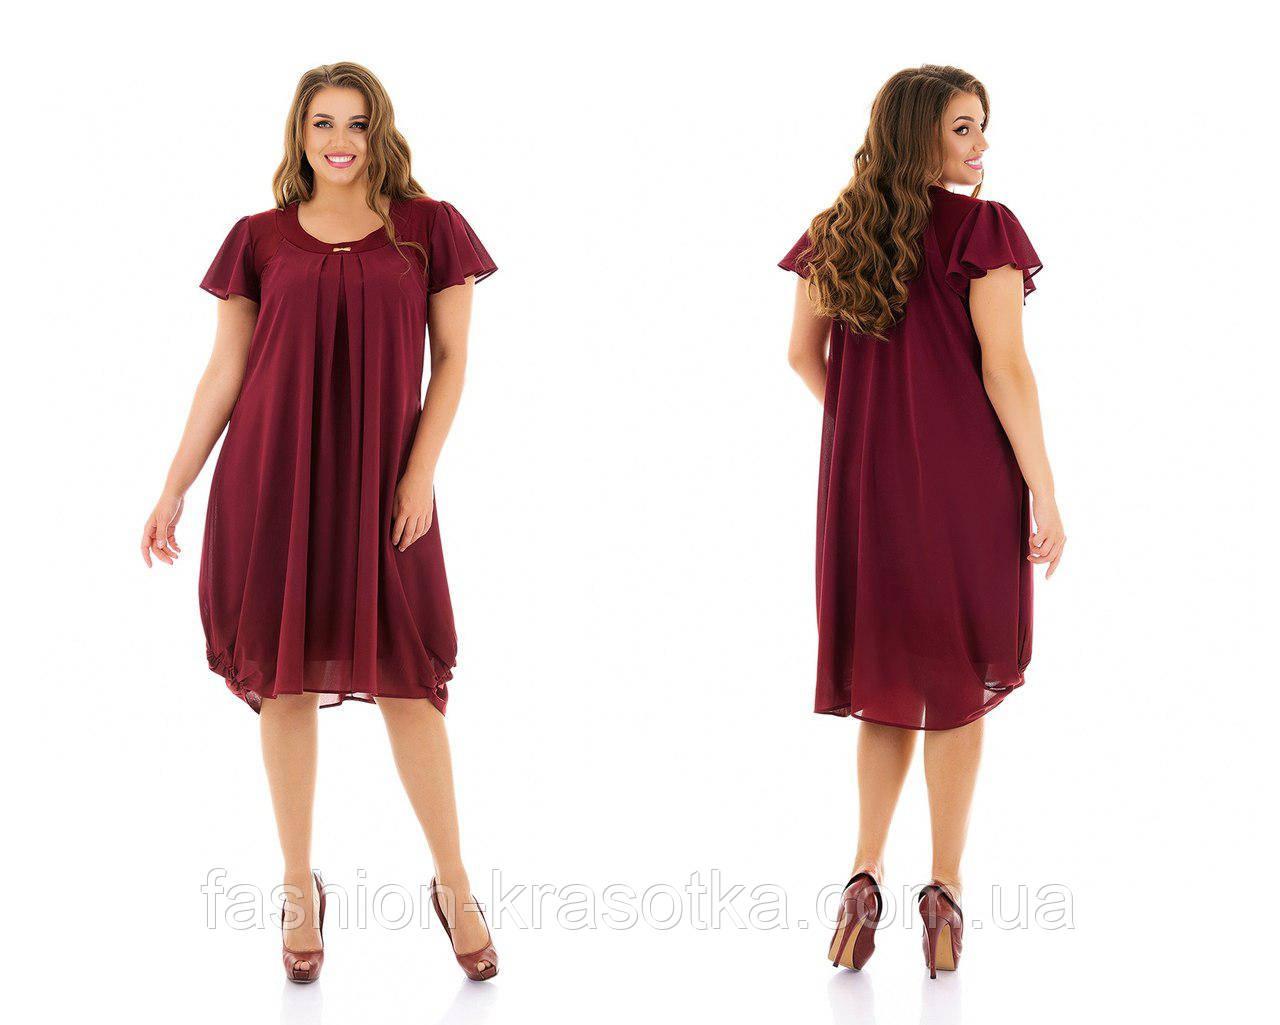 Модное женское двойное платье больших размеров